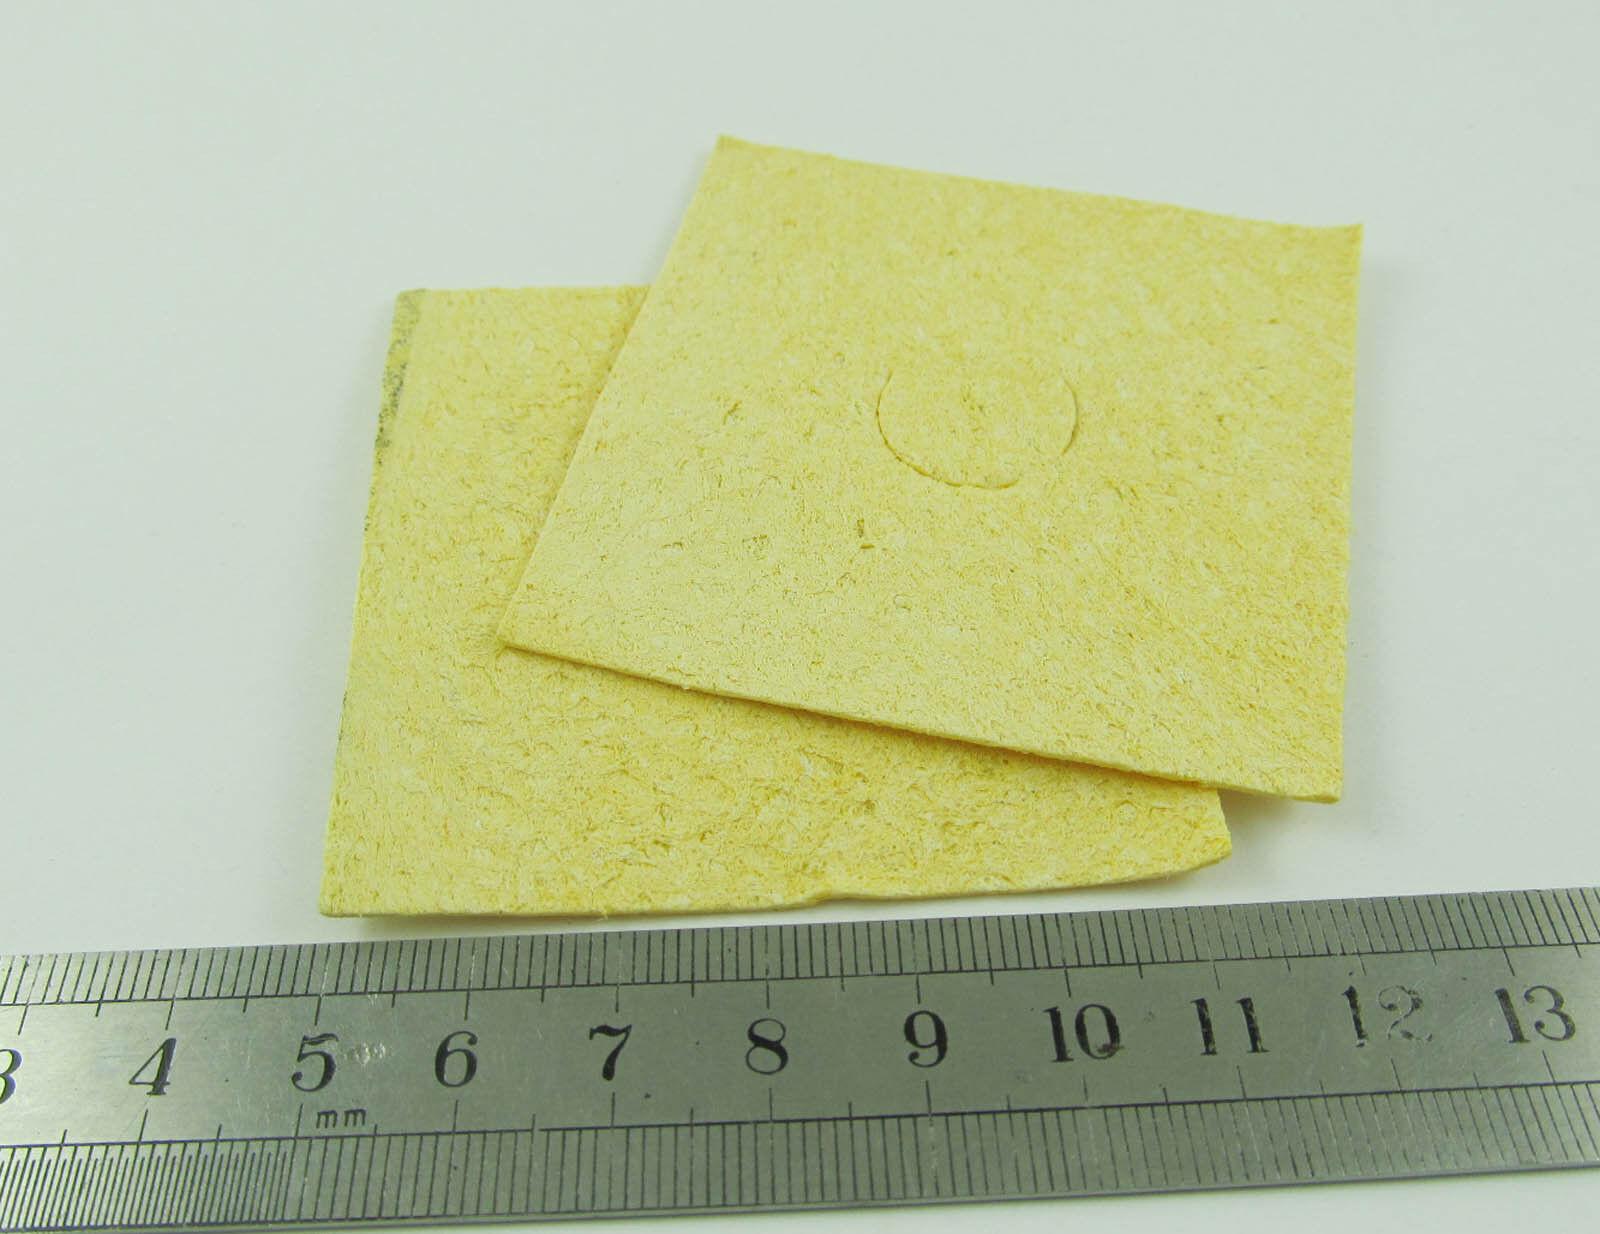 35x45mm Soldering Iron Cleaning Pads Sponge Tip Sponges Welding Solder Iron